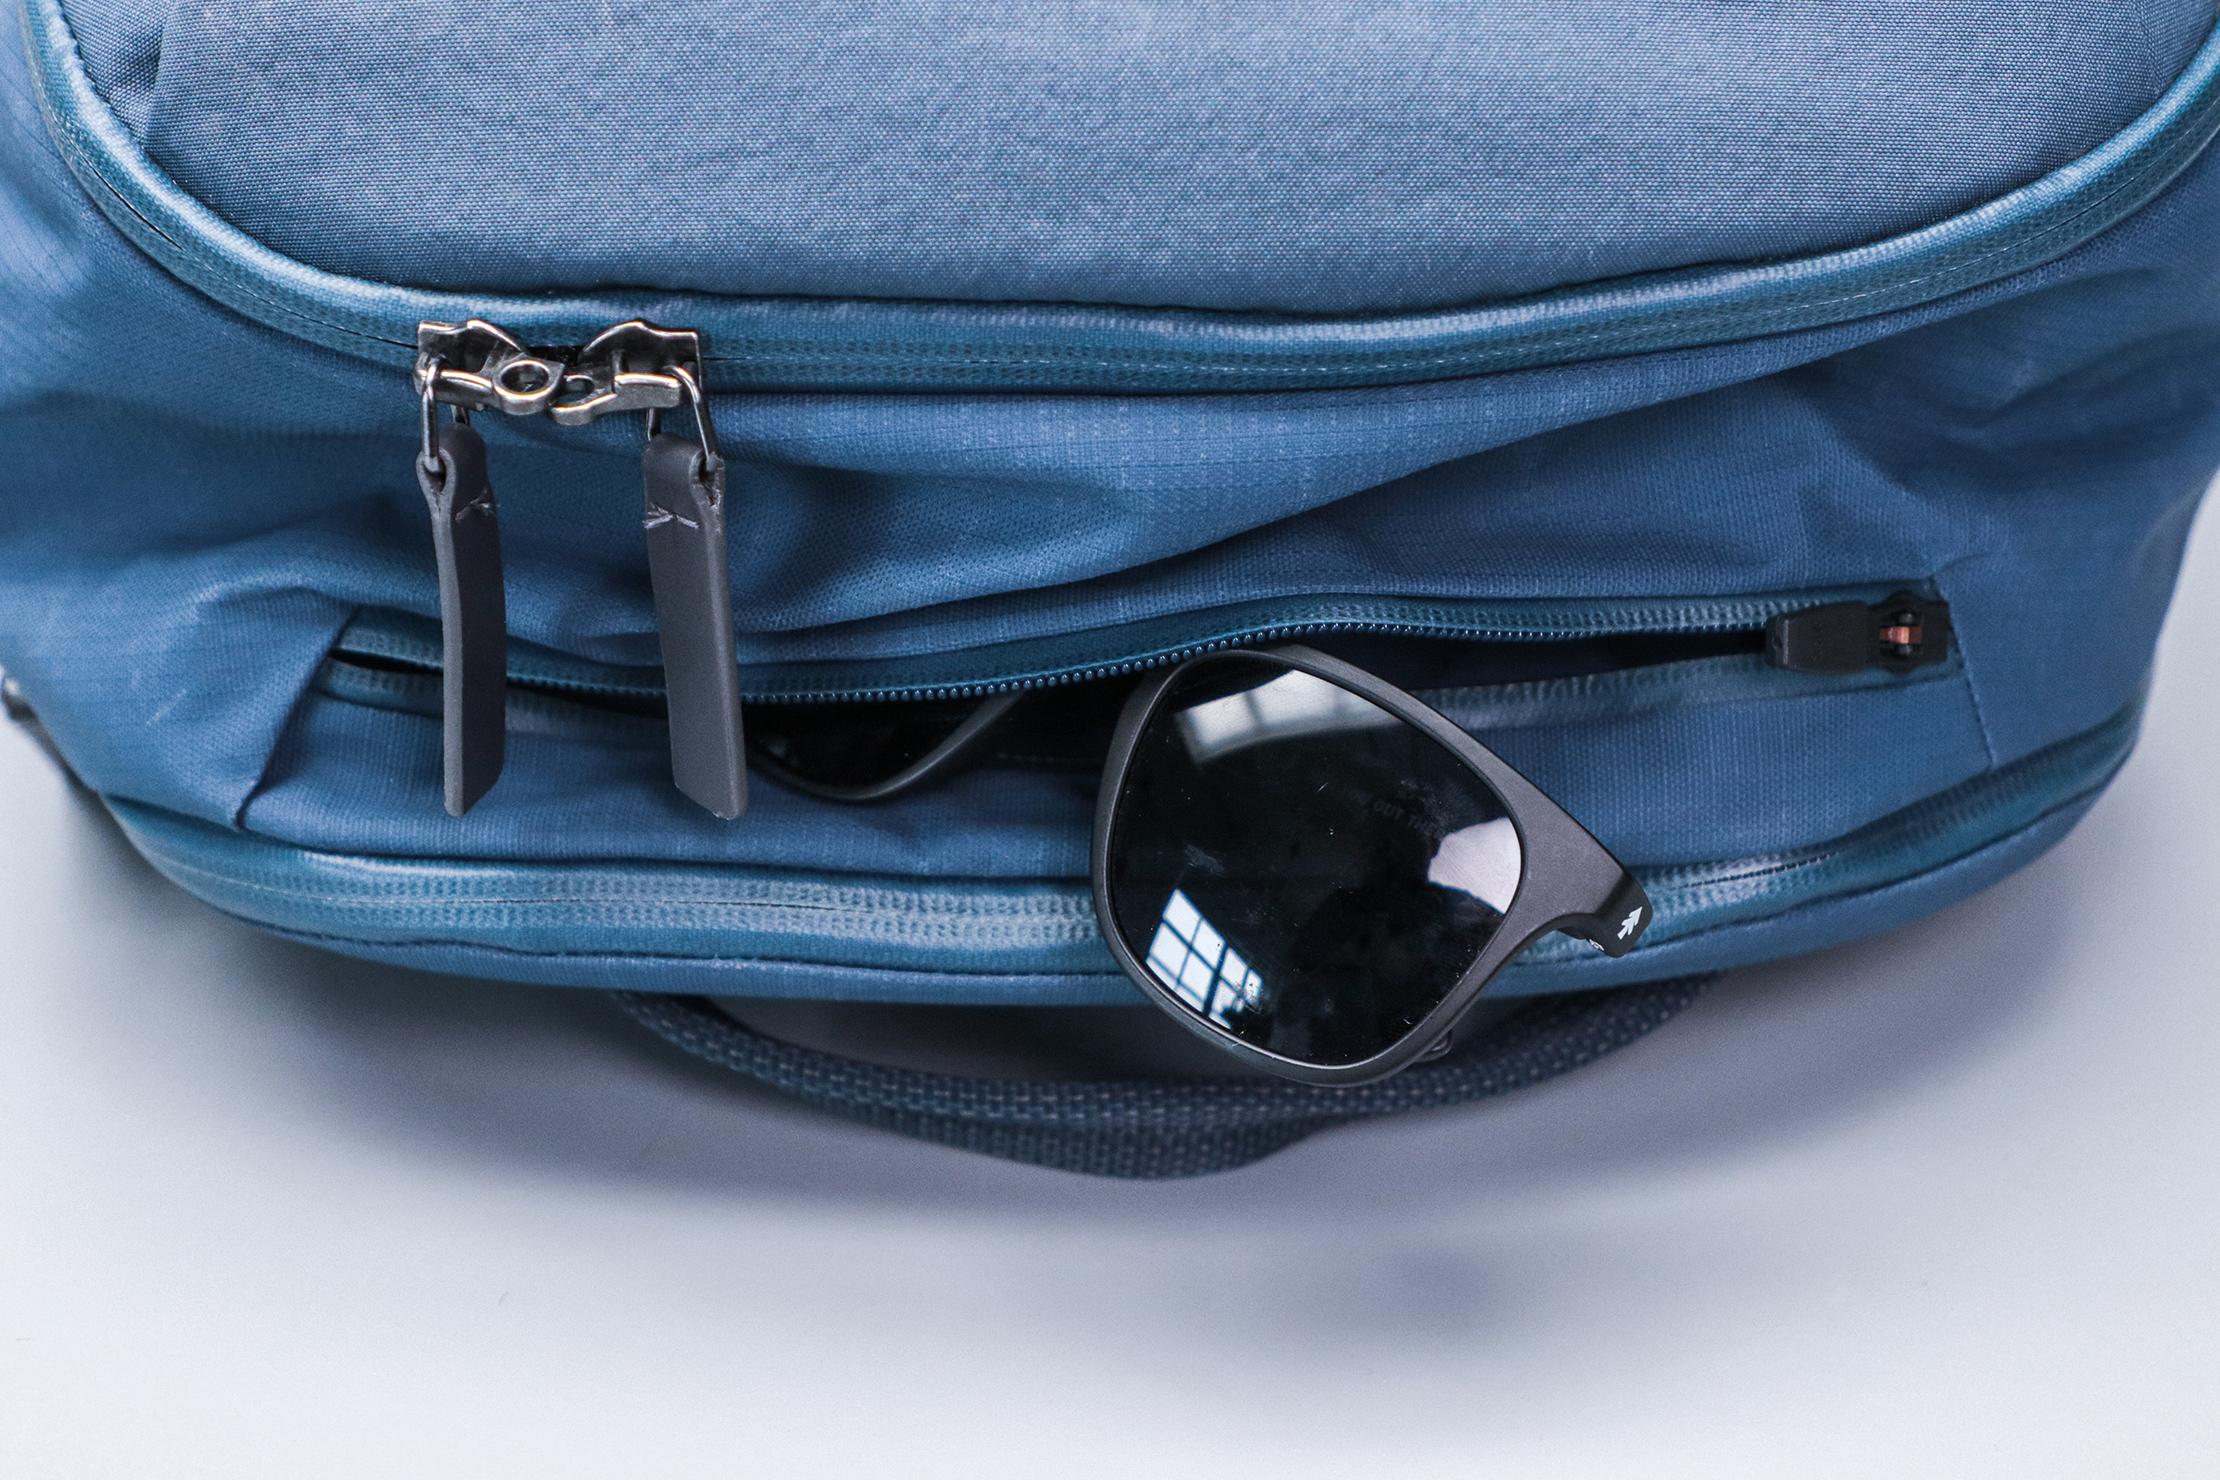 Bellroy Transit Backpack Plus Top Pocket